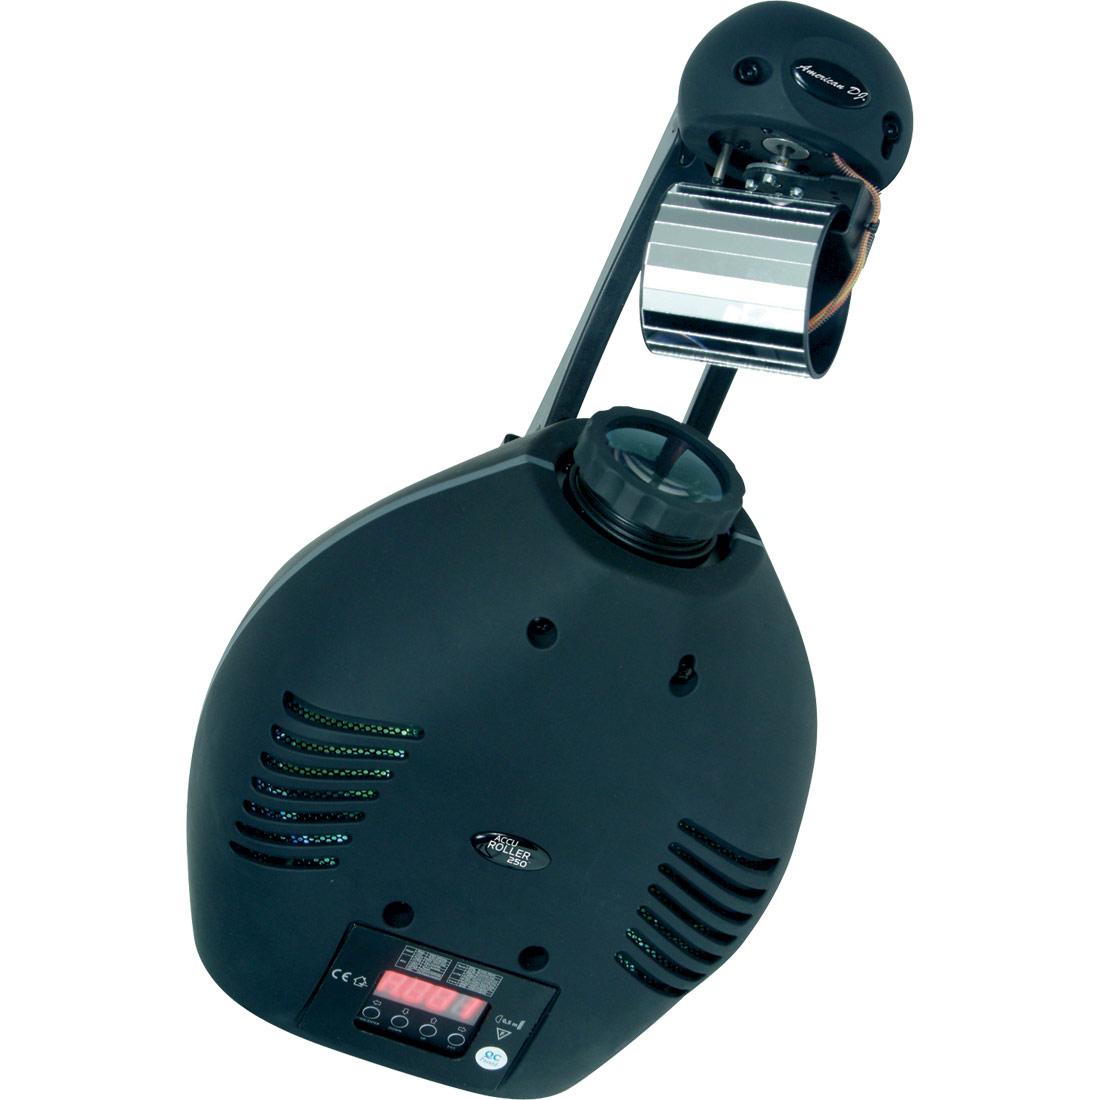 Accu Roller 250 w/o lamp